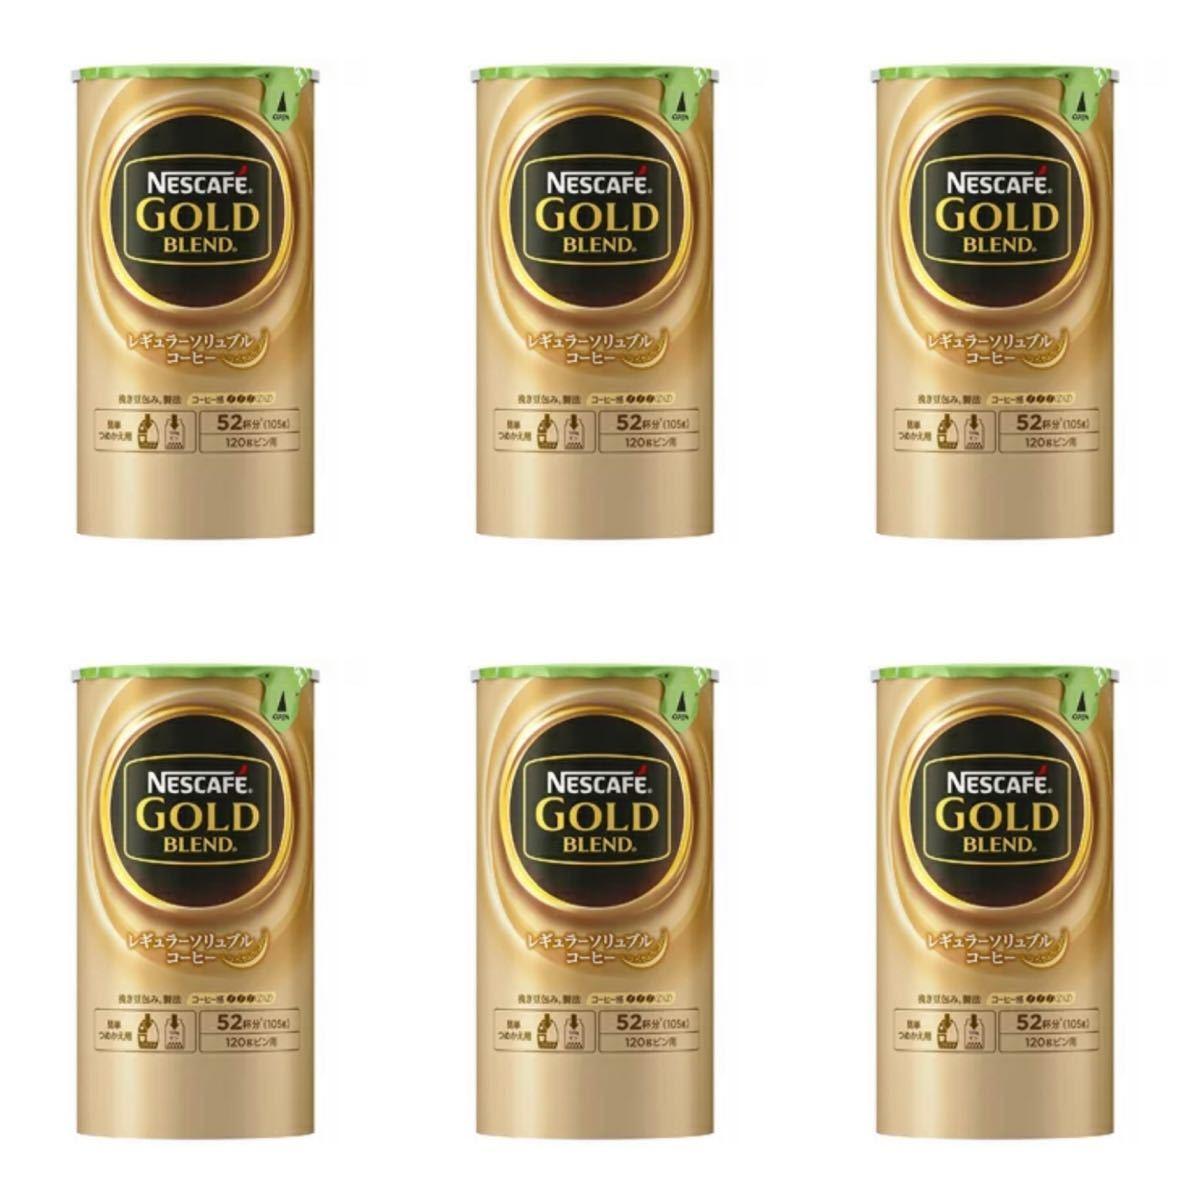 ネスカフェ ゴールドブレンド エコ&システムパック 105g×6個